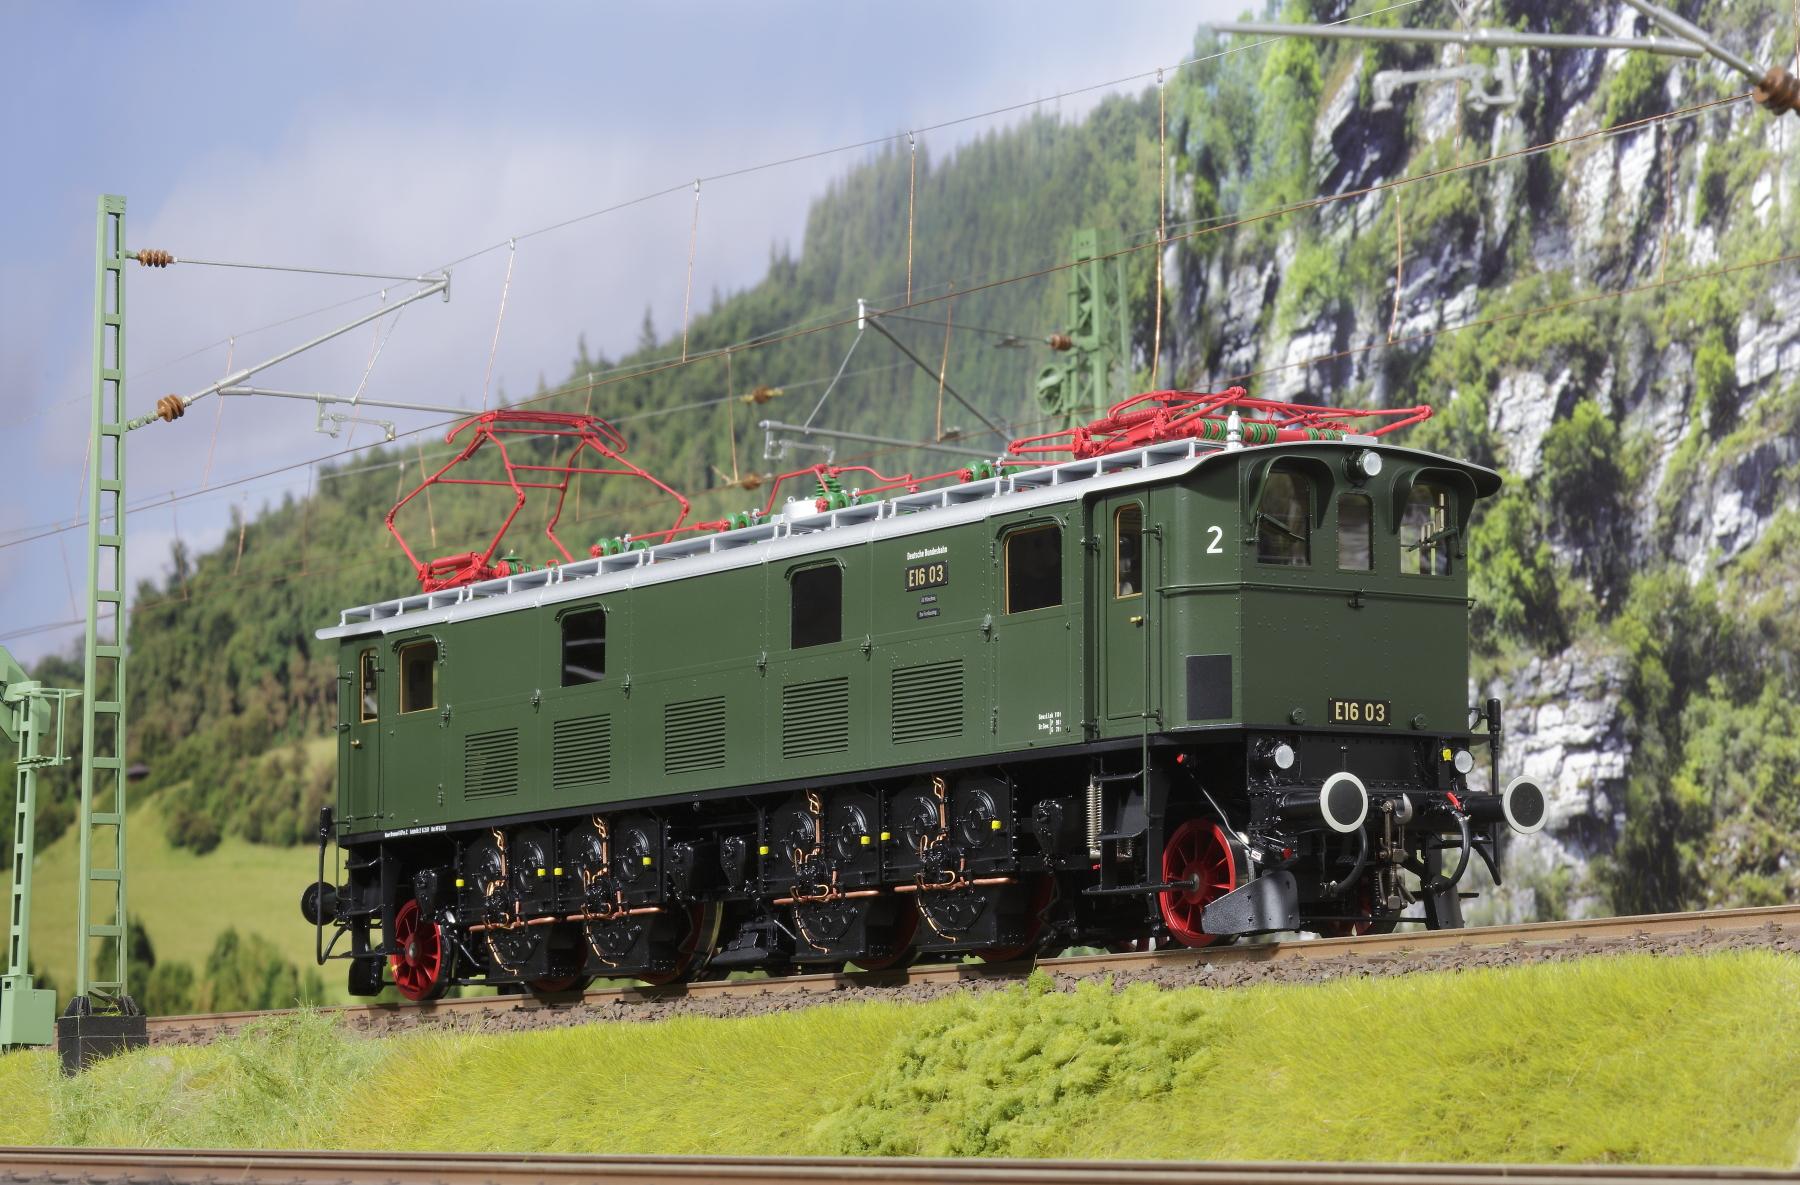 Spur 1 Lokomotive Baureihe E 16 03 Epoche IIIb flaschengrün